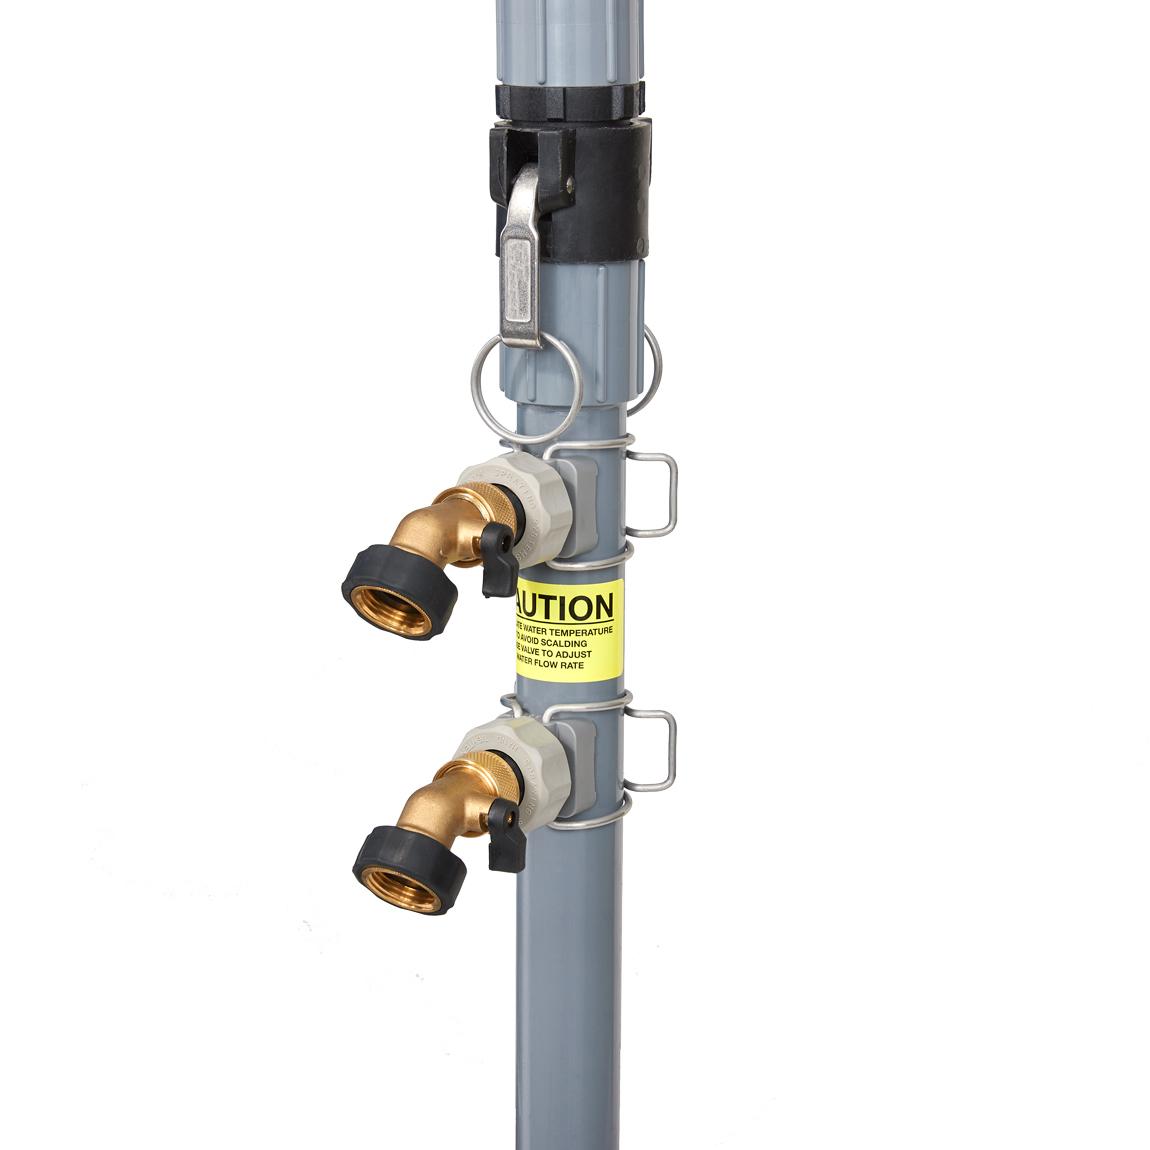 MasCas® II Decontamination Shower System